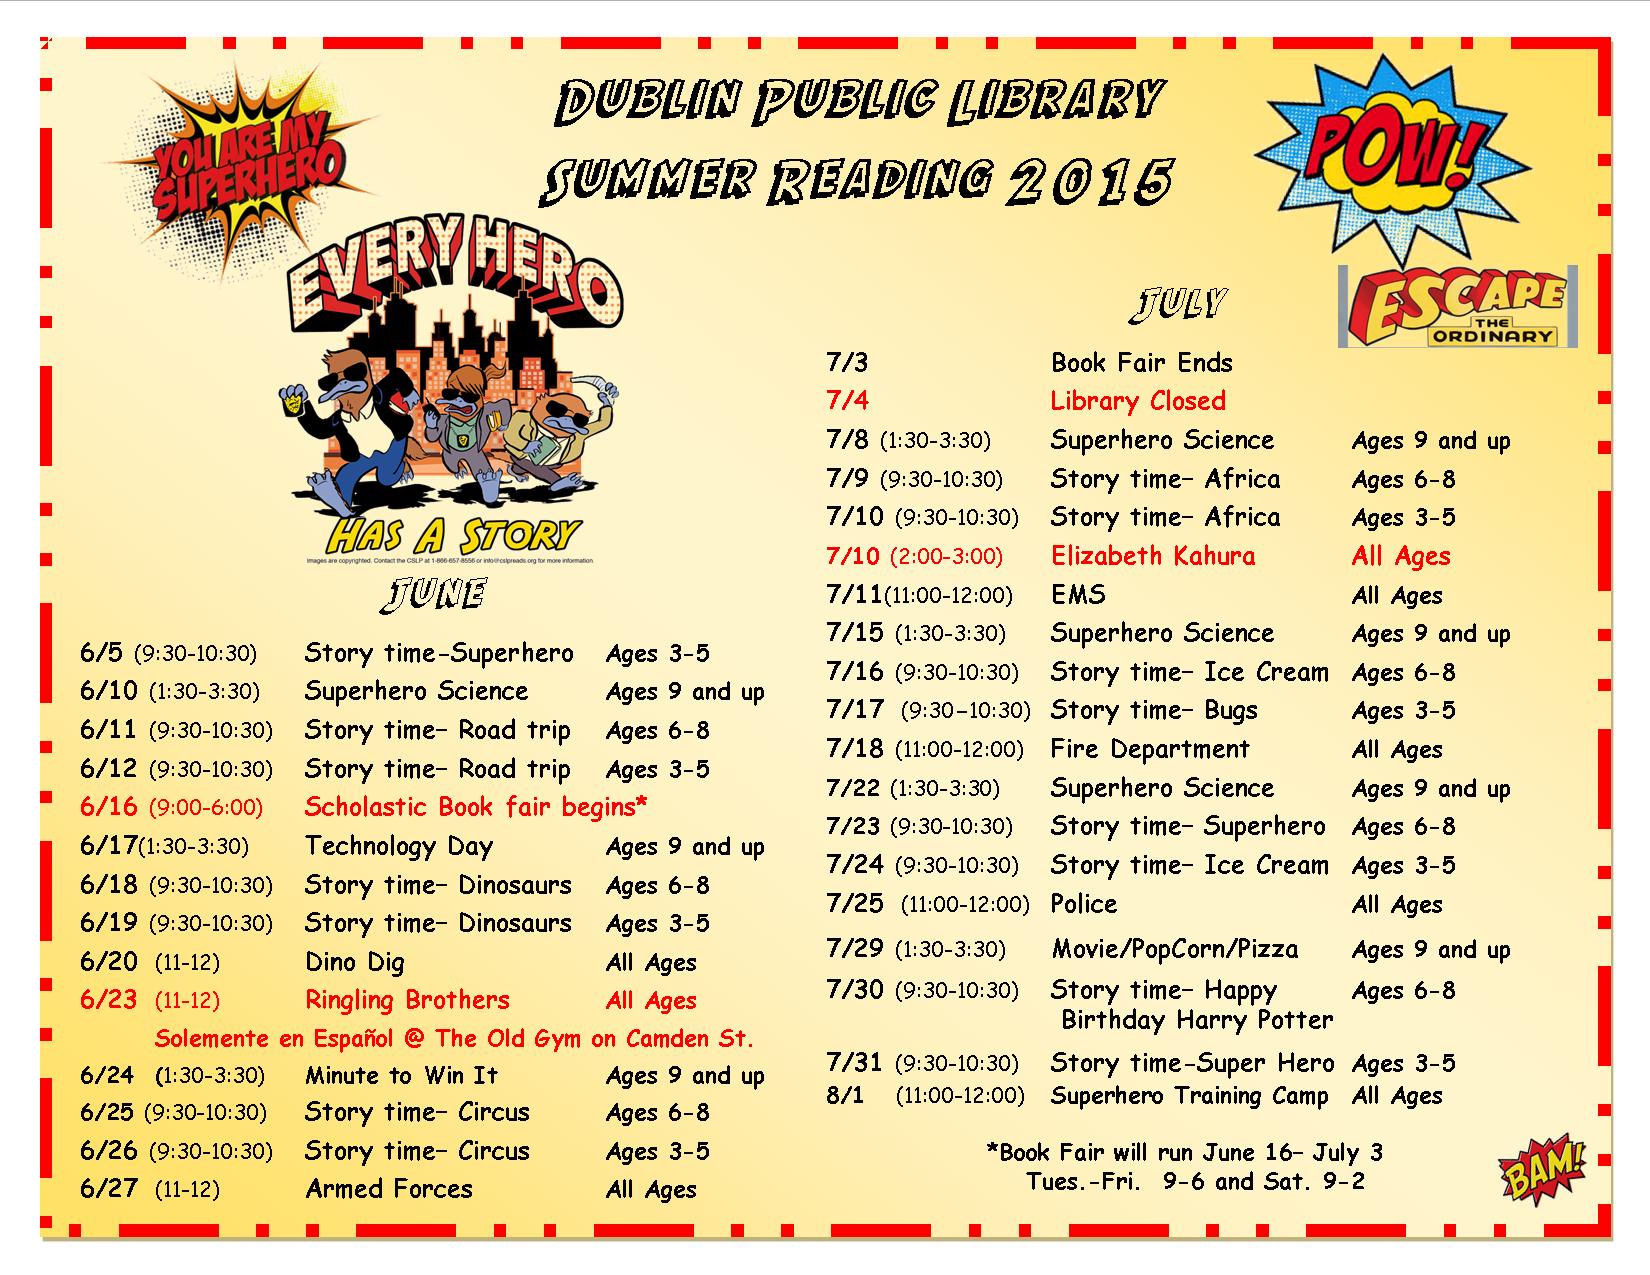 Summer Reading Schedule